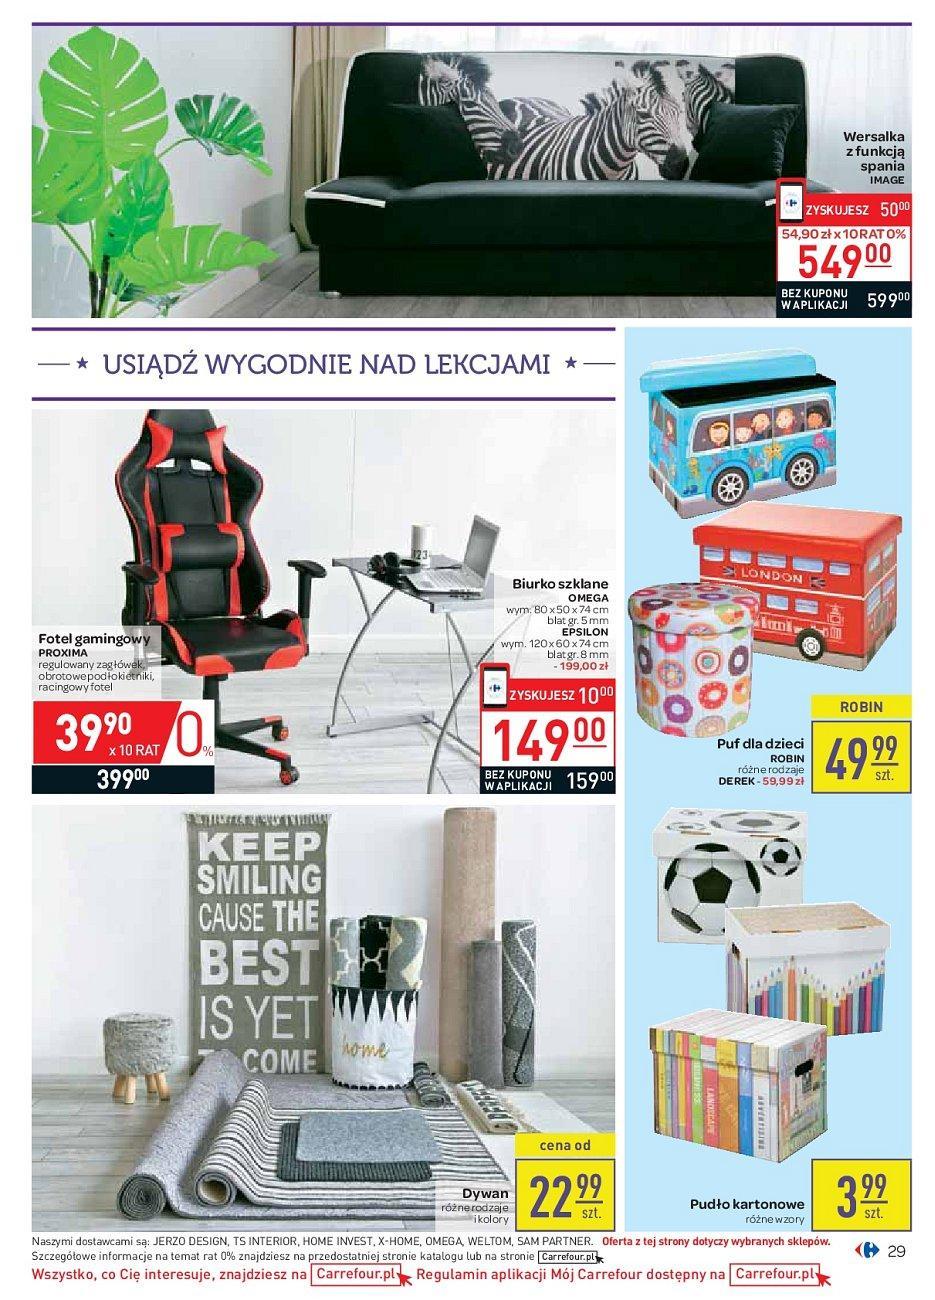 Gazetka promocyjna Carrefour do 18/08/2018 str.29